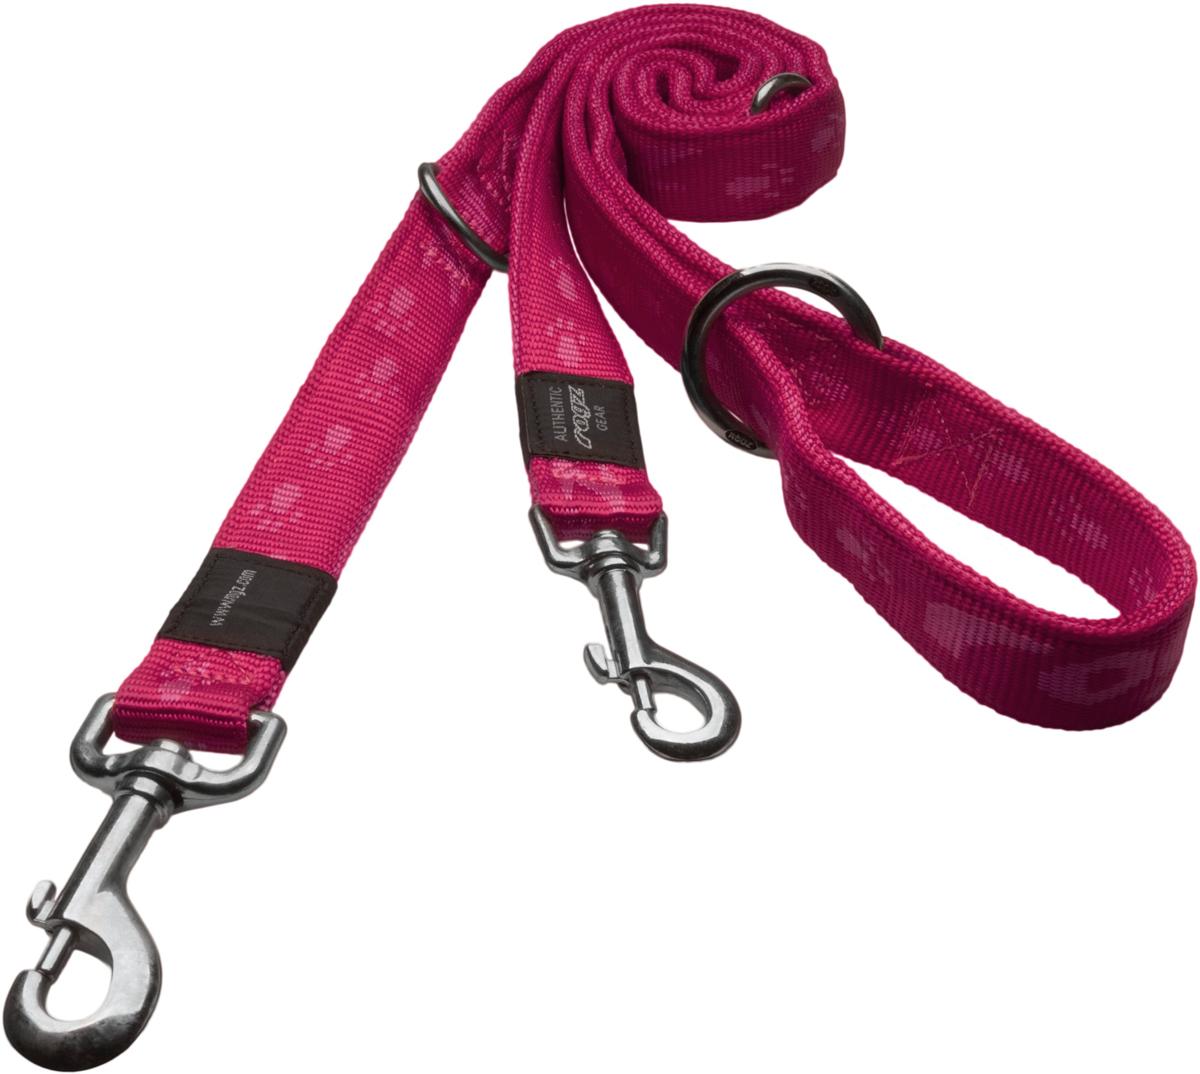 Поводок перестежка для собак Rogz Alpinist, цвет: розовый, ширина 1,6 см, длина 1,78 м. Размер MHLM23KОсобо мягкий, но очень прочный поводок Rogz Alpinist обеспечит безопасность на прогулке даже самым активным собакам.Все соединения деталей имеют специальную дополнительную строчку для большей прочности.Выполненные специально по заказу Rogz литые кольца гальванически хромированы, что позволяет избежать коррозии и потускнения изделия.Многофункциональный поводок-перестежку можно использовать как: поводок для двух собак; короткий, средний или удлиненный поводок (1м; 1,3 м; 1,6 м); поводок через плечо; временную привязь.